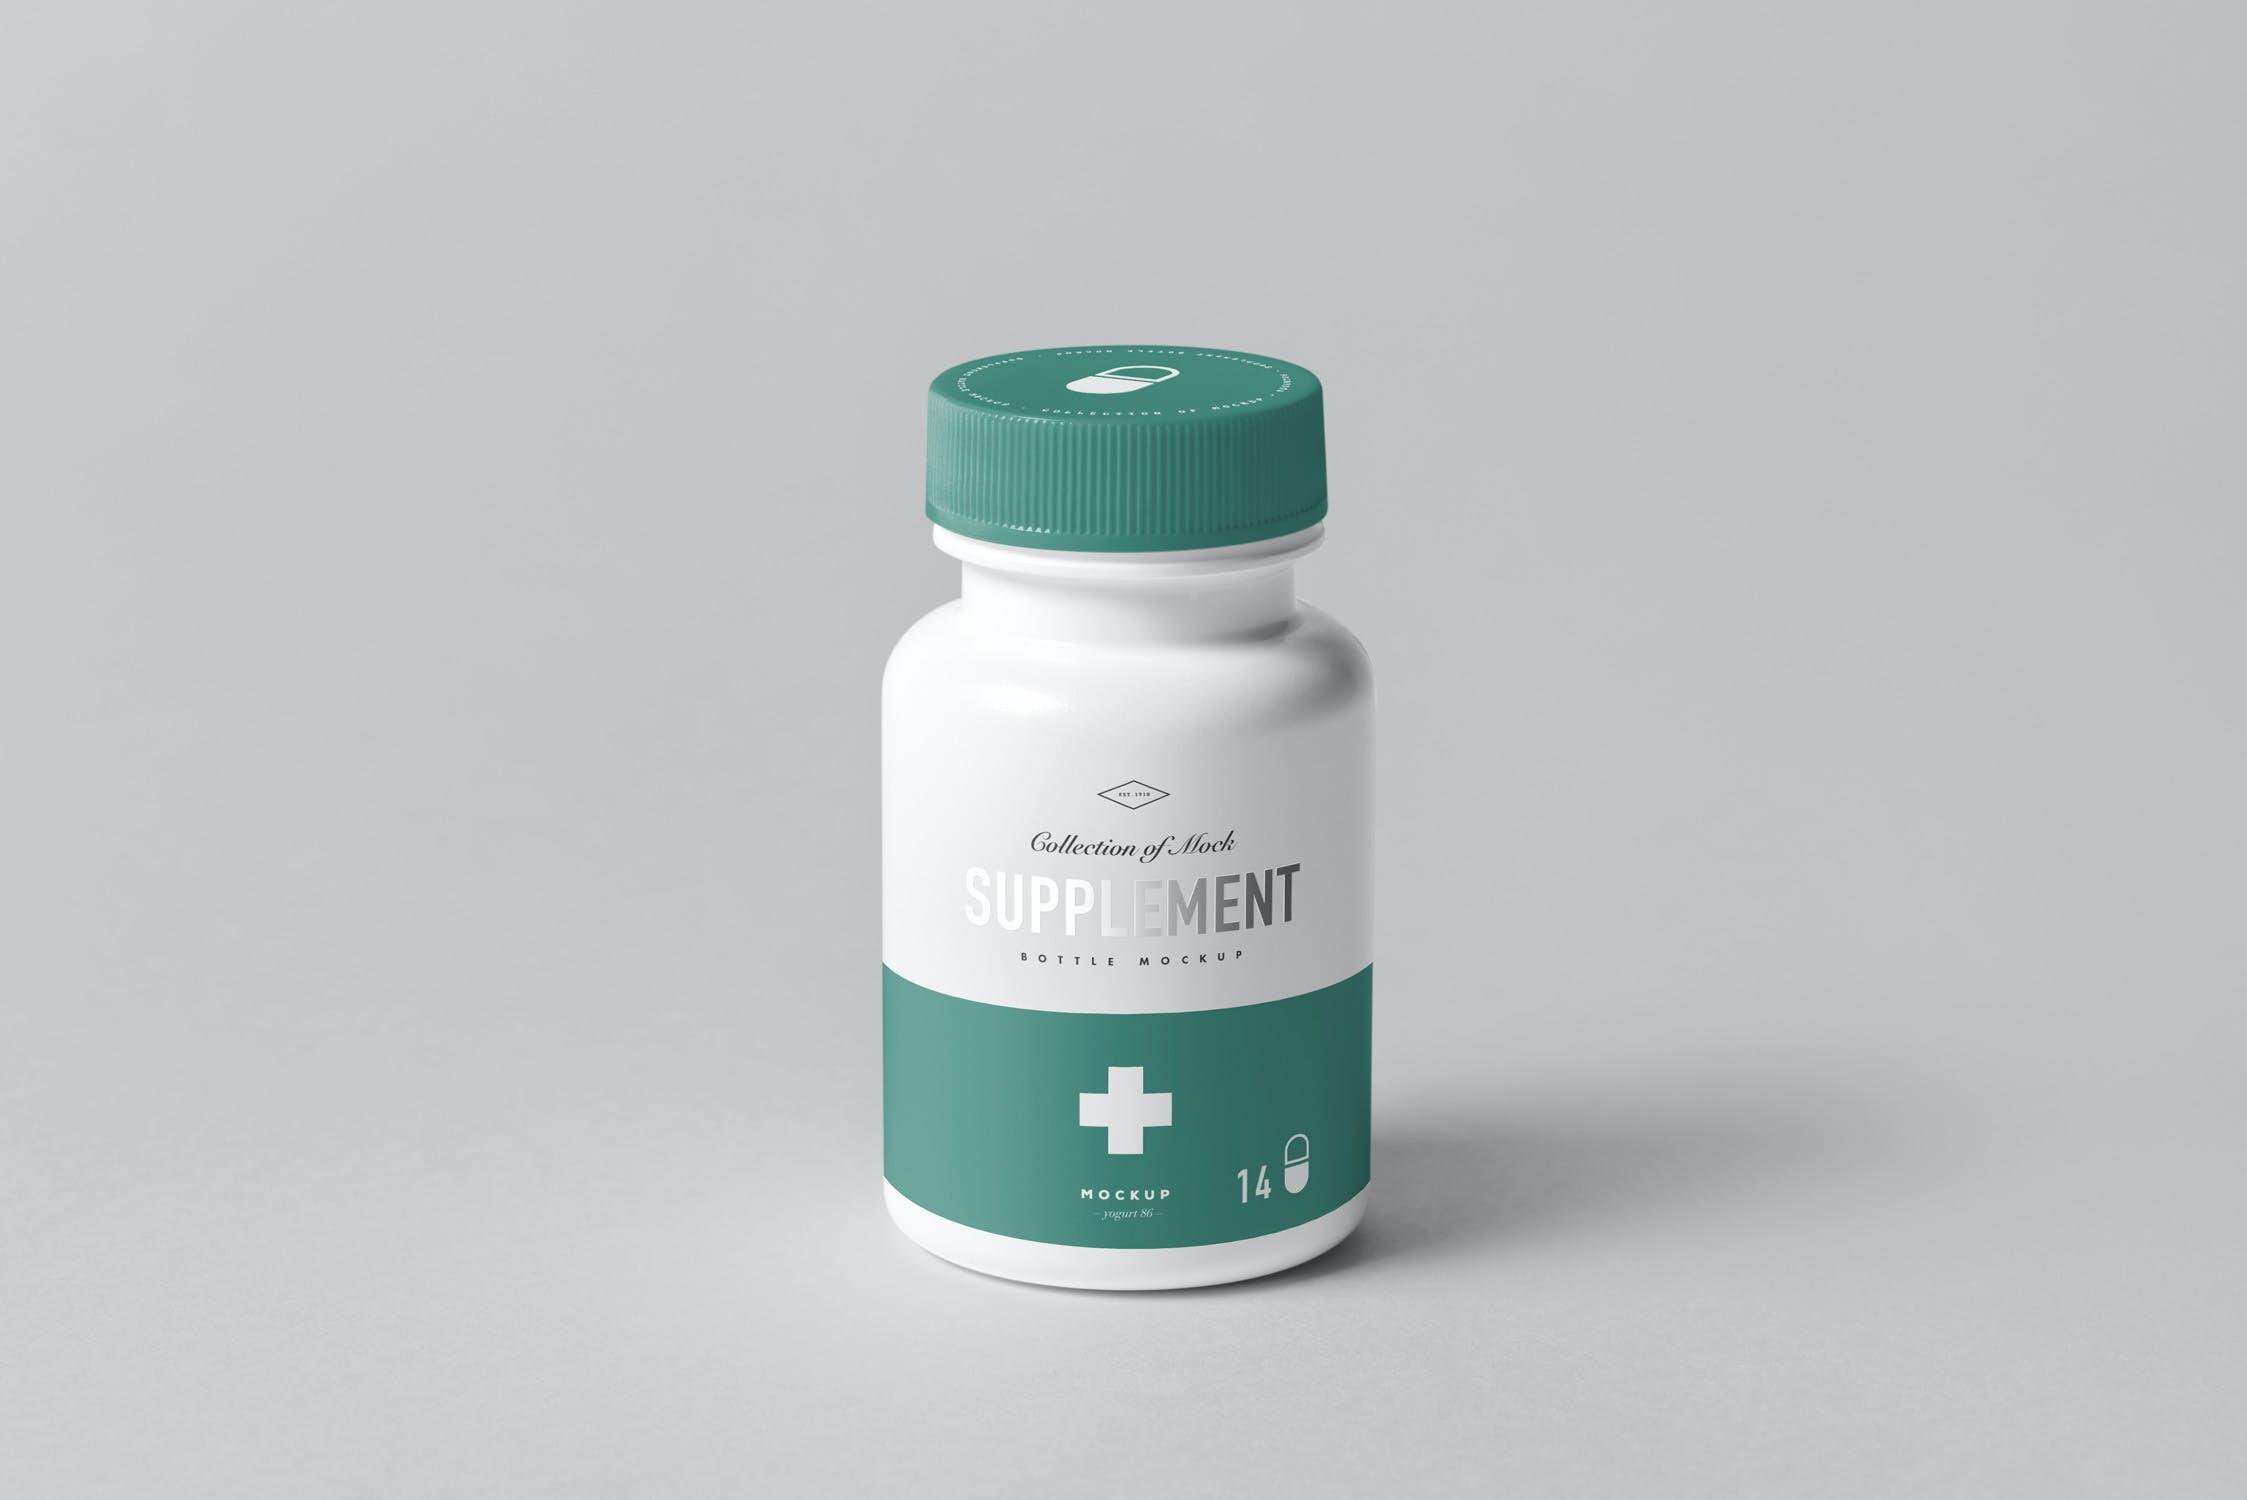 8款药物补充瓶塑料瓶包装盒设计展示样机模板 Supplement Bottle Mockup插图(8)